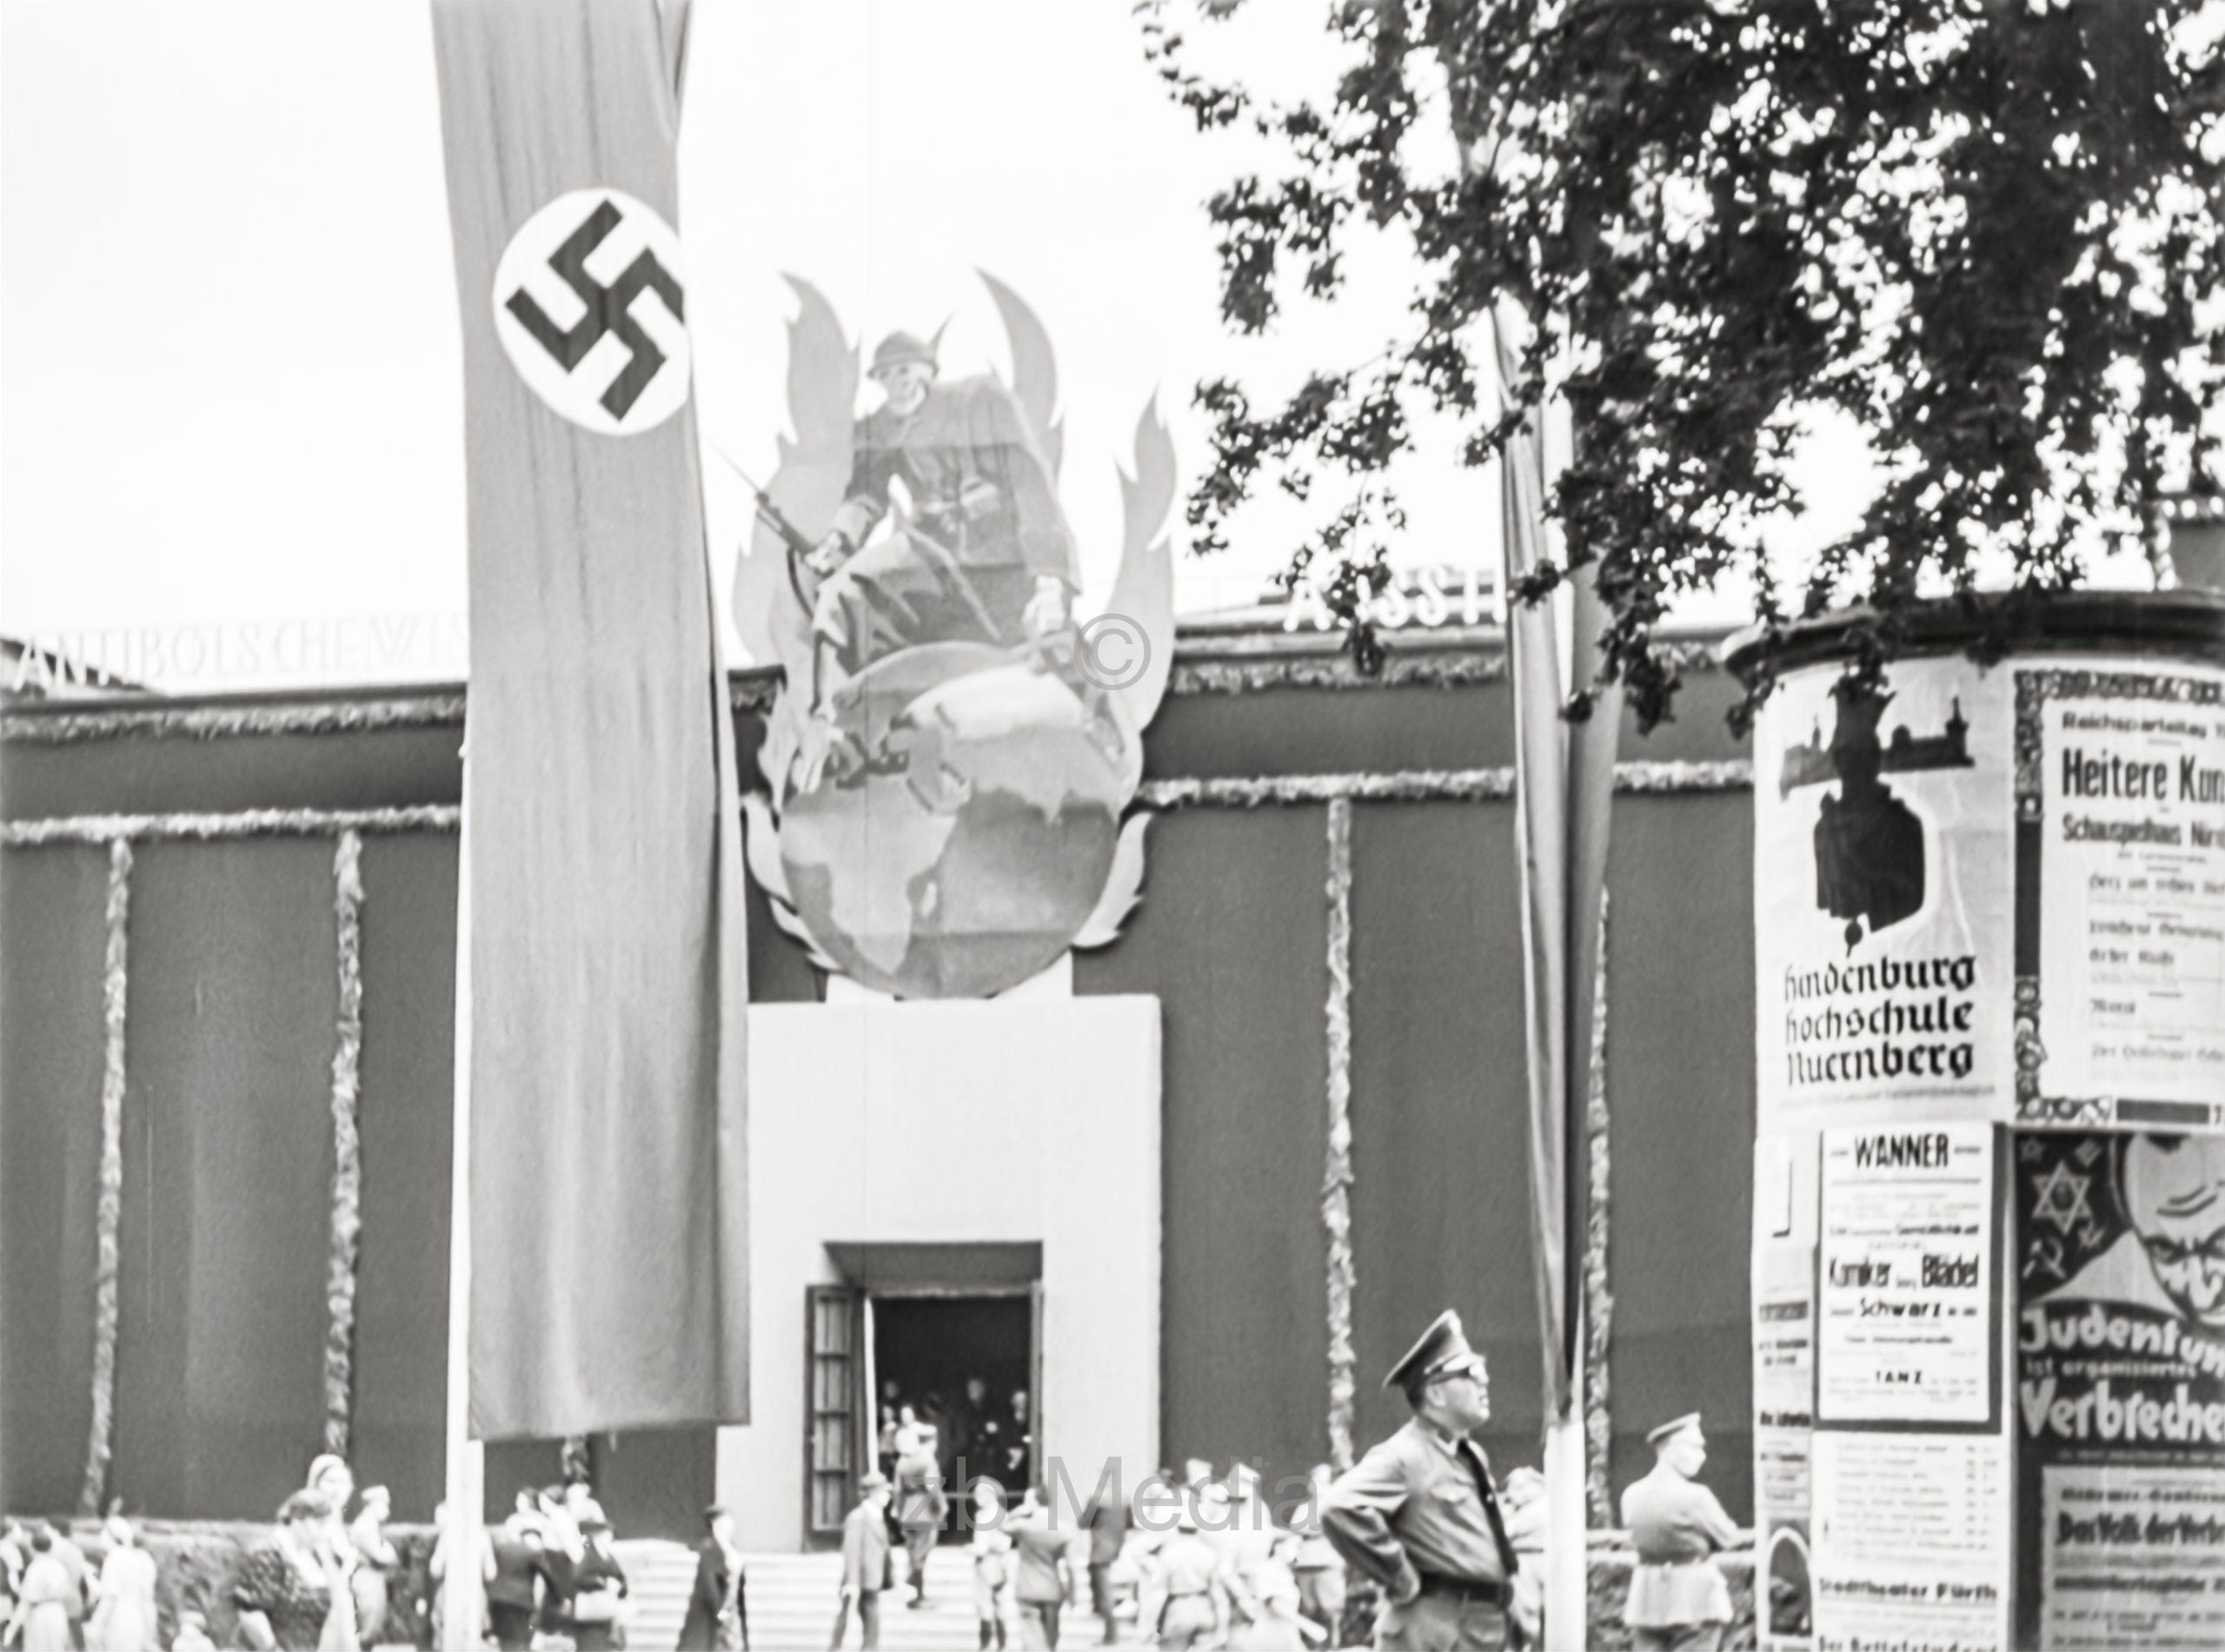 Reichsparteitag 1937 in Nürnberg